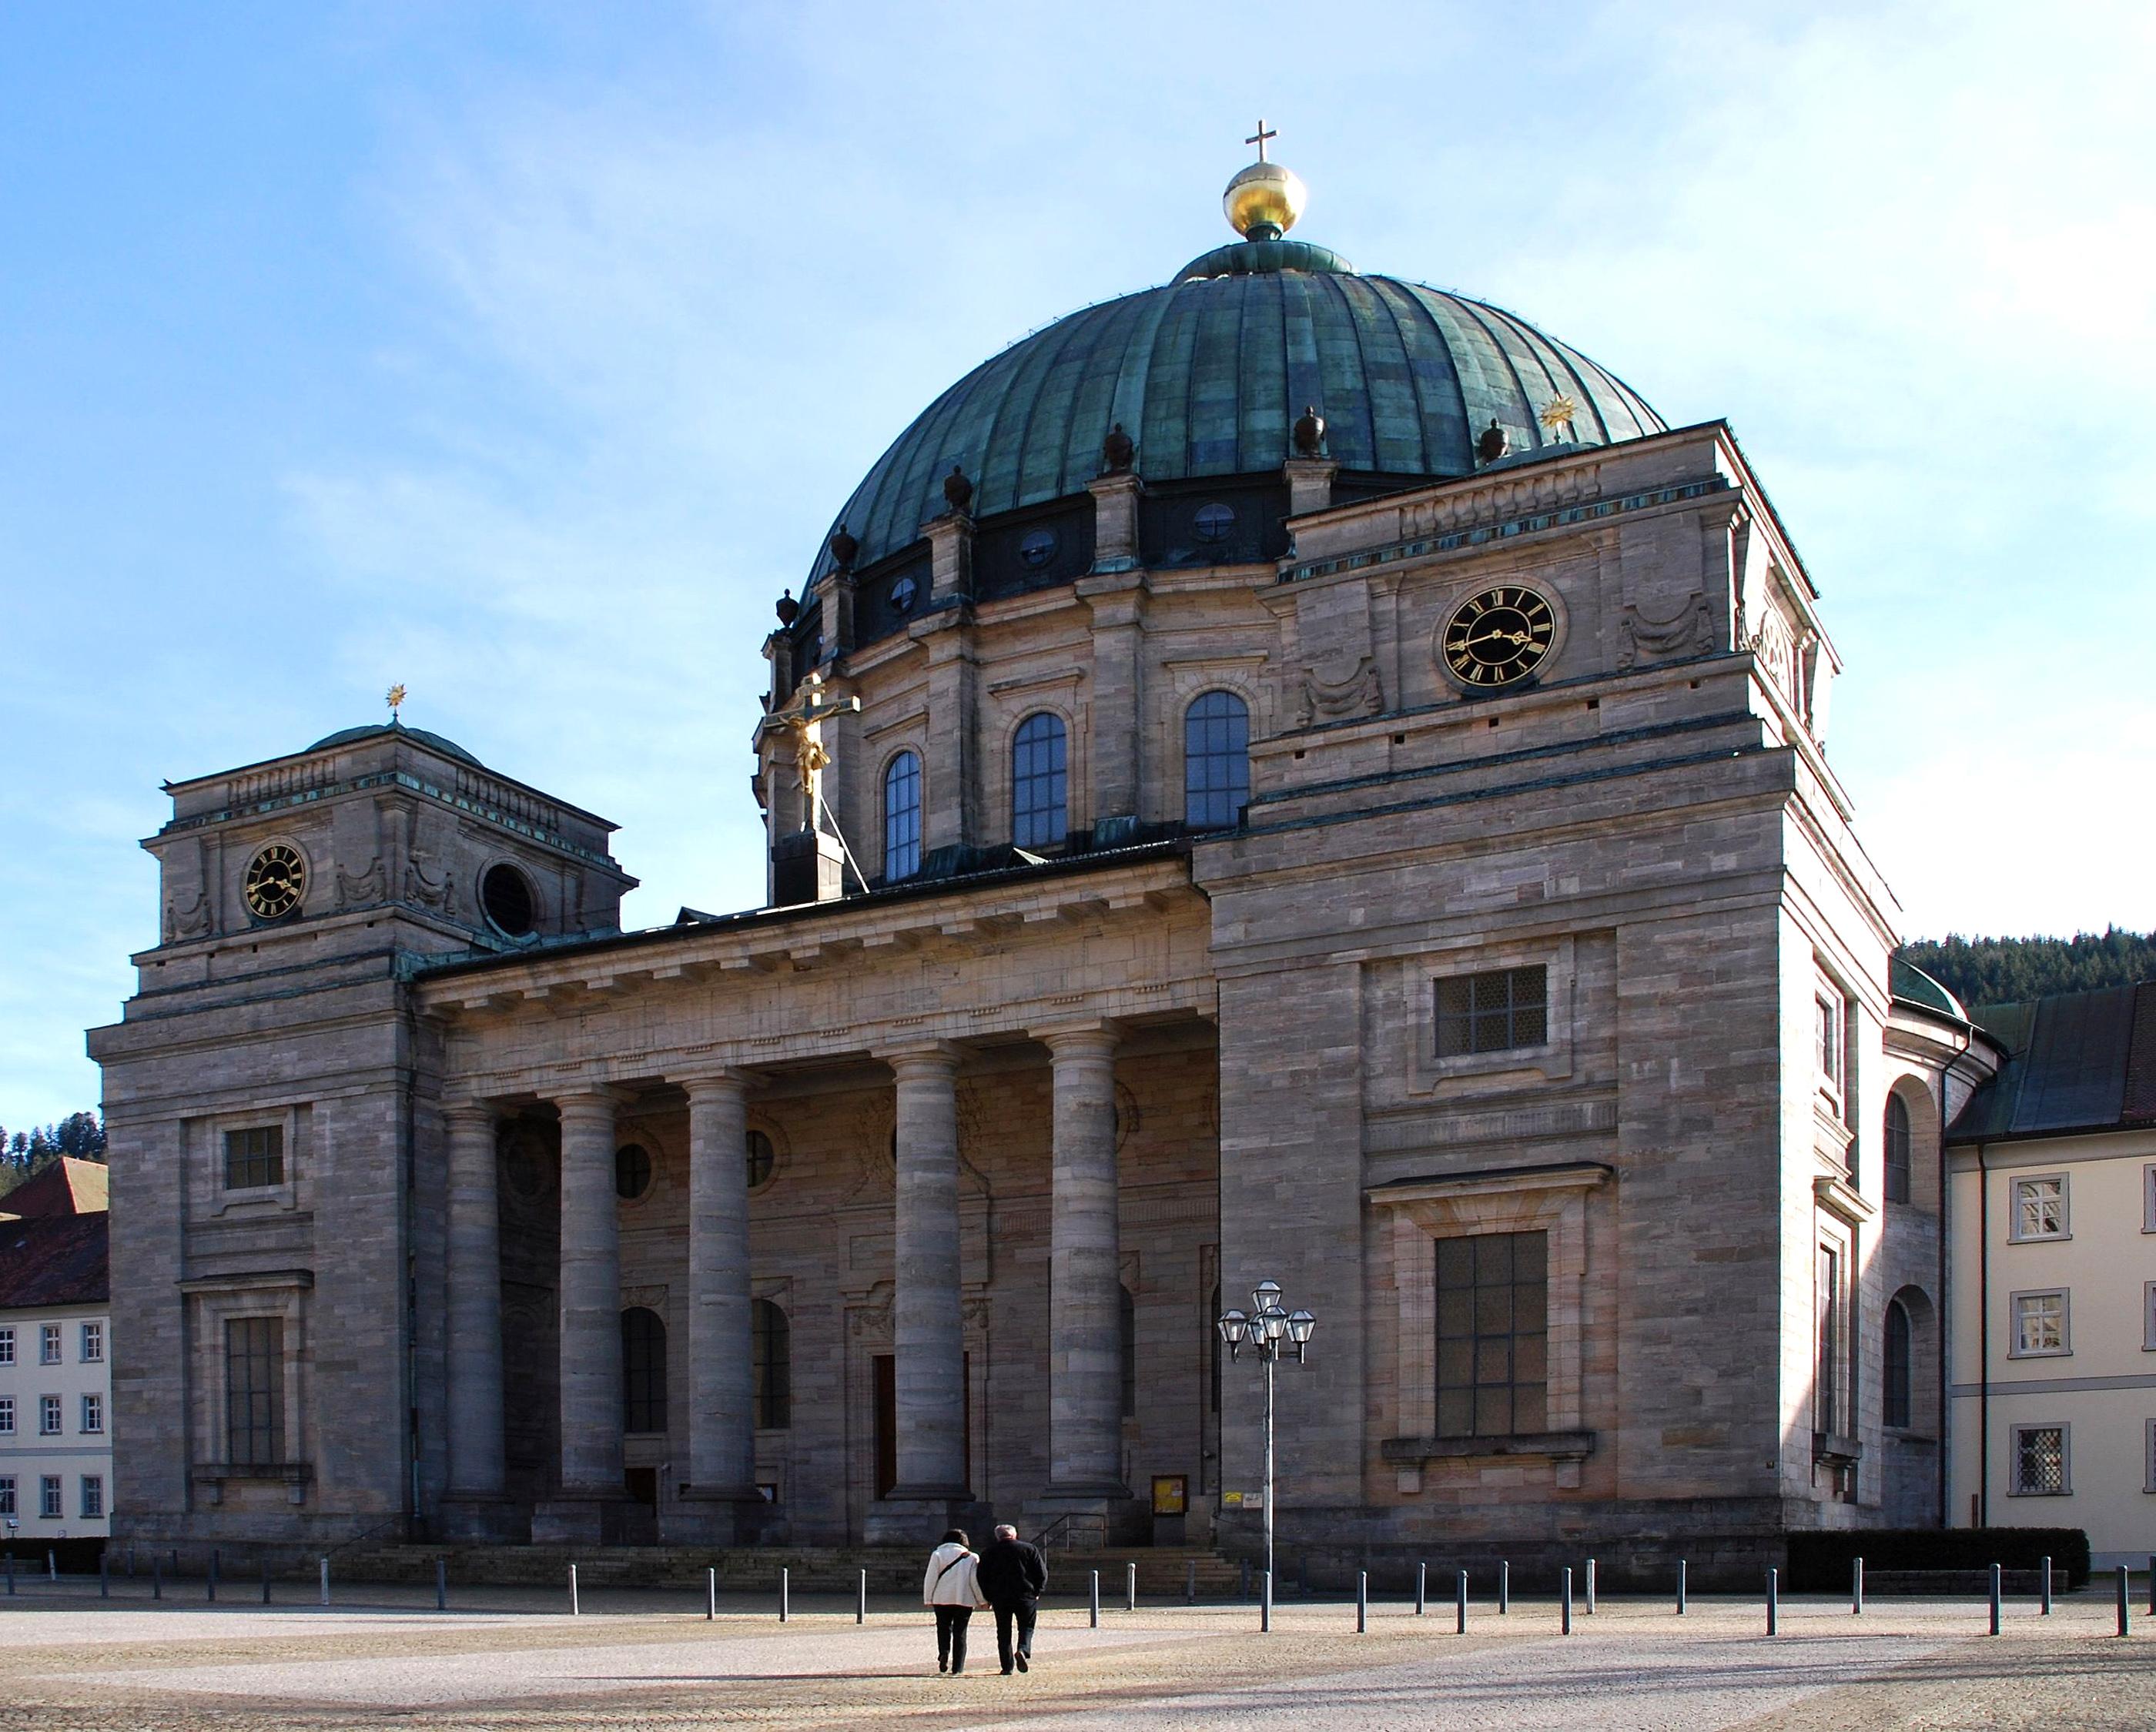 St. Blasien Kaltwintergarten